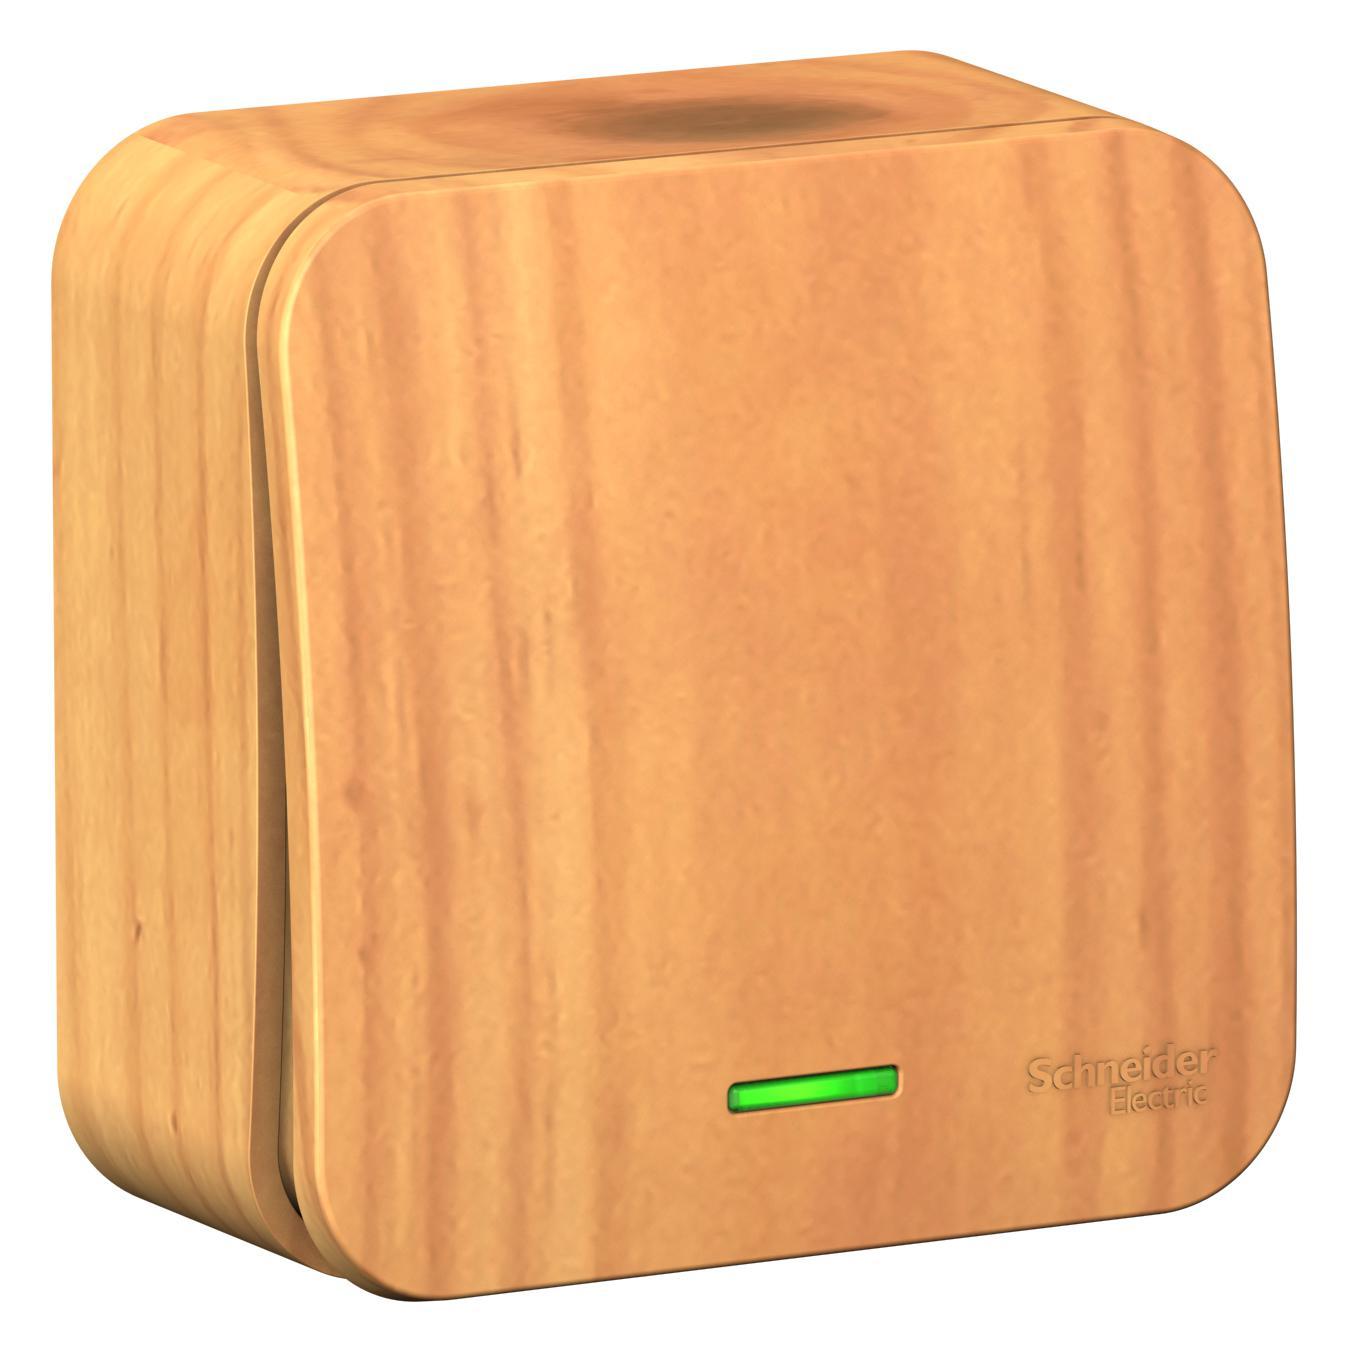 Выключатель Schneider electric Blnva101105 blanca выключатель schneider electric blnva101013 blanca